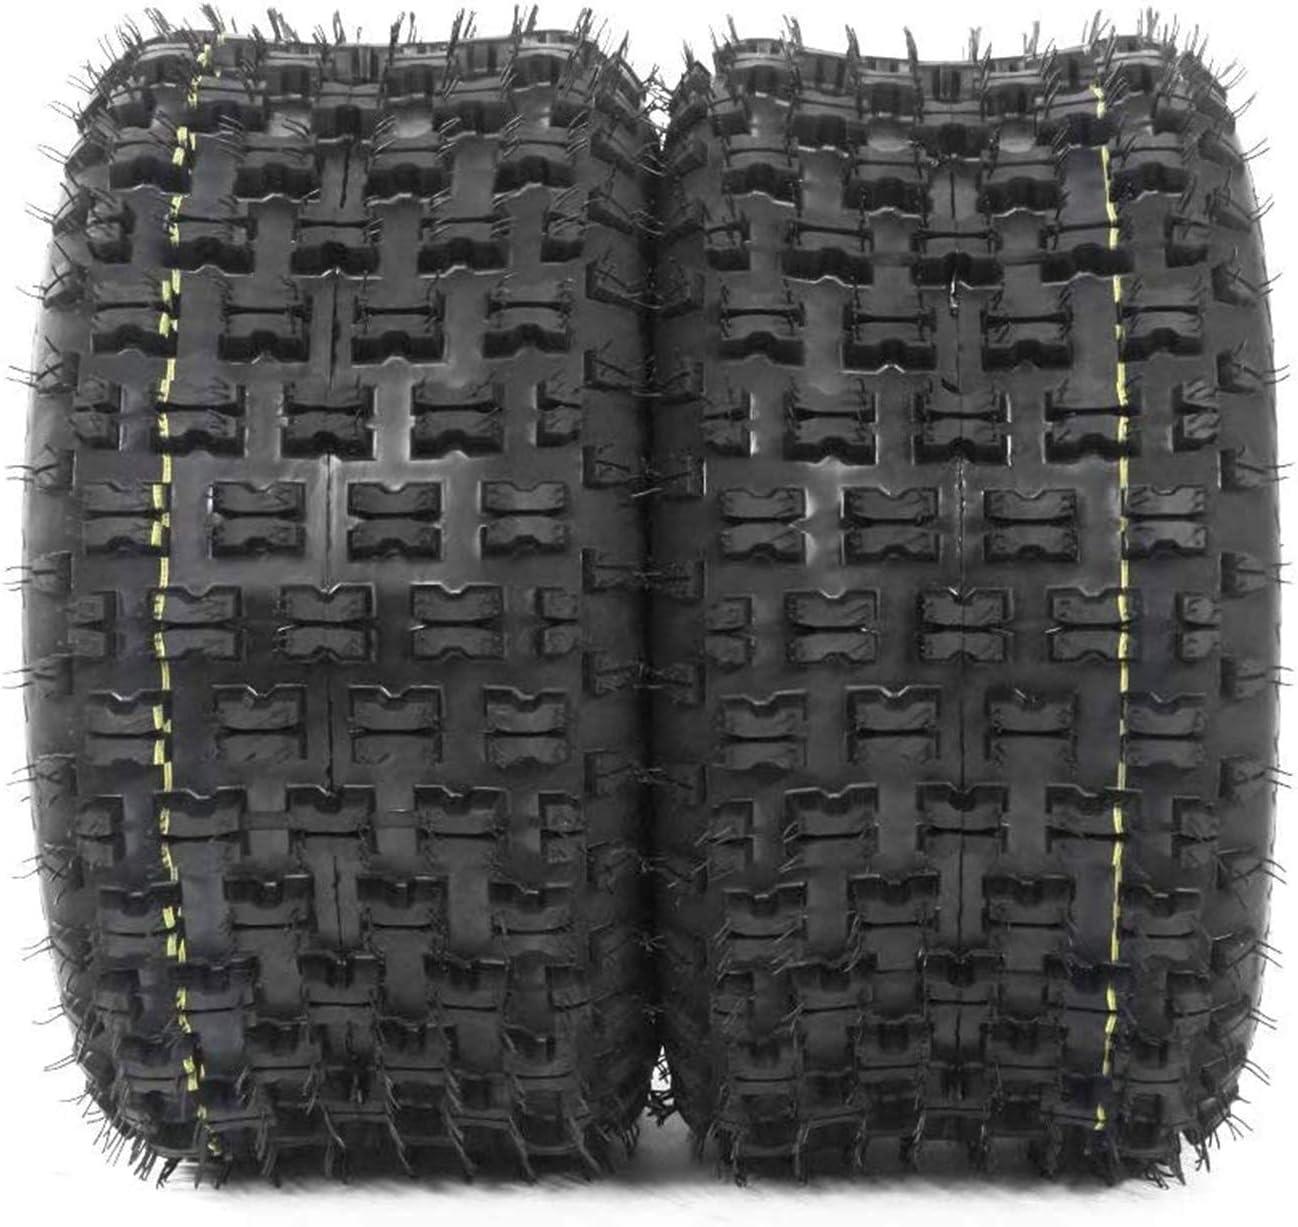 Juego de 2 neumáticos deportivos ATV 20X10-9 P336 4PR para Honda TRX 300EX 400EX 400X 450R